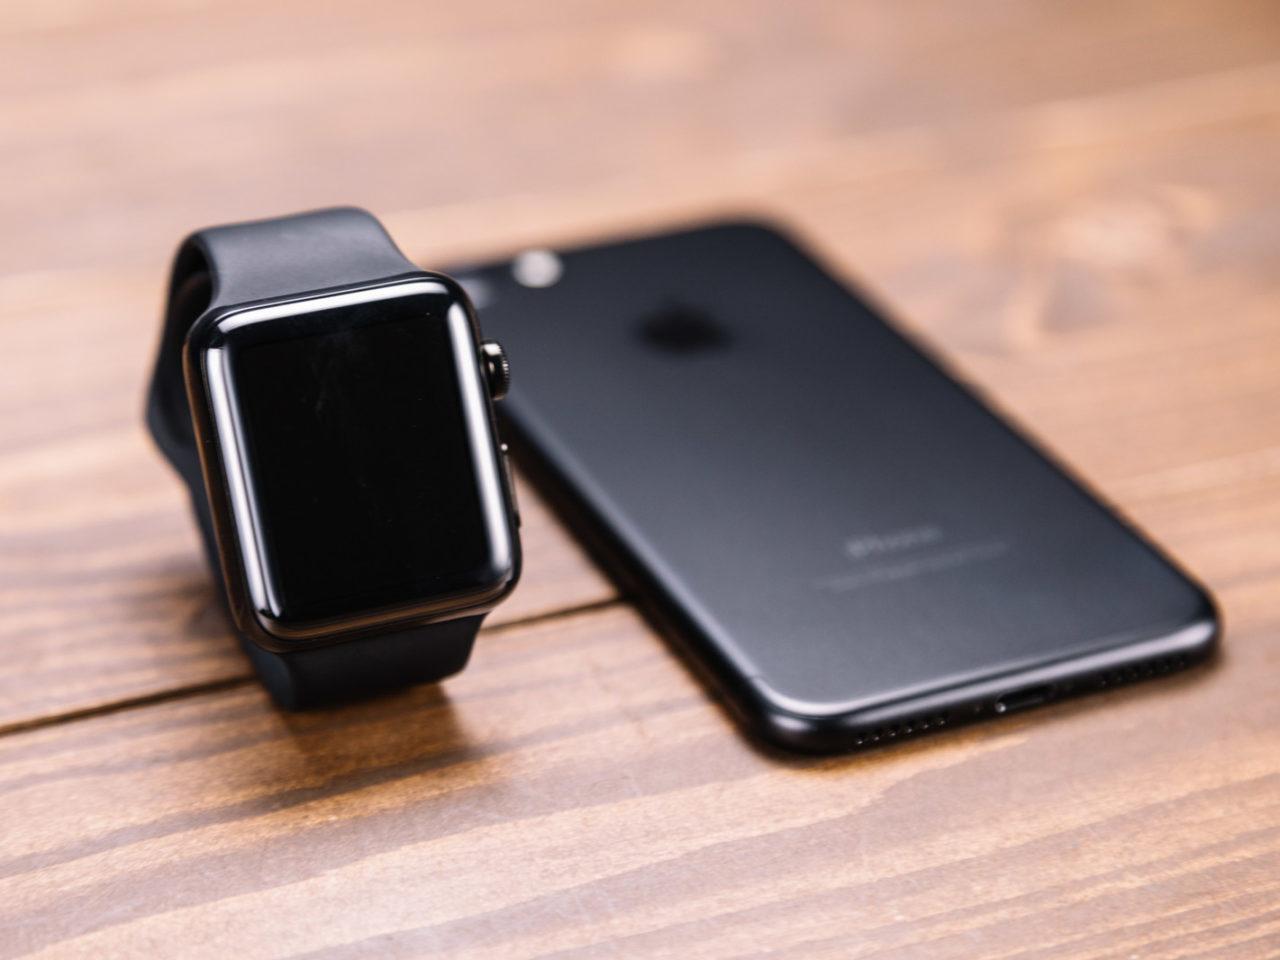 写真ウィジェットアプリ(標準)で写真変える方法はある?iOS14・iPhoneの便利なアプリも解説!のサムネイル画像